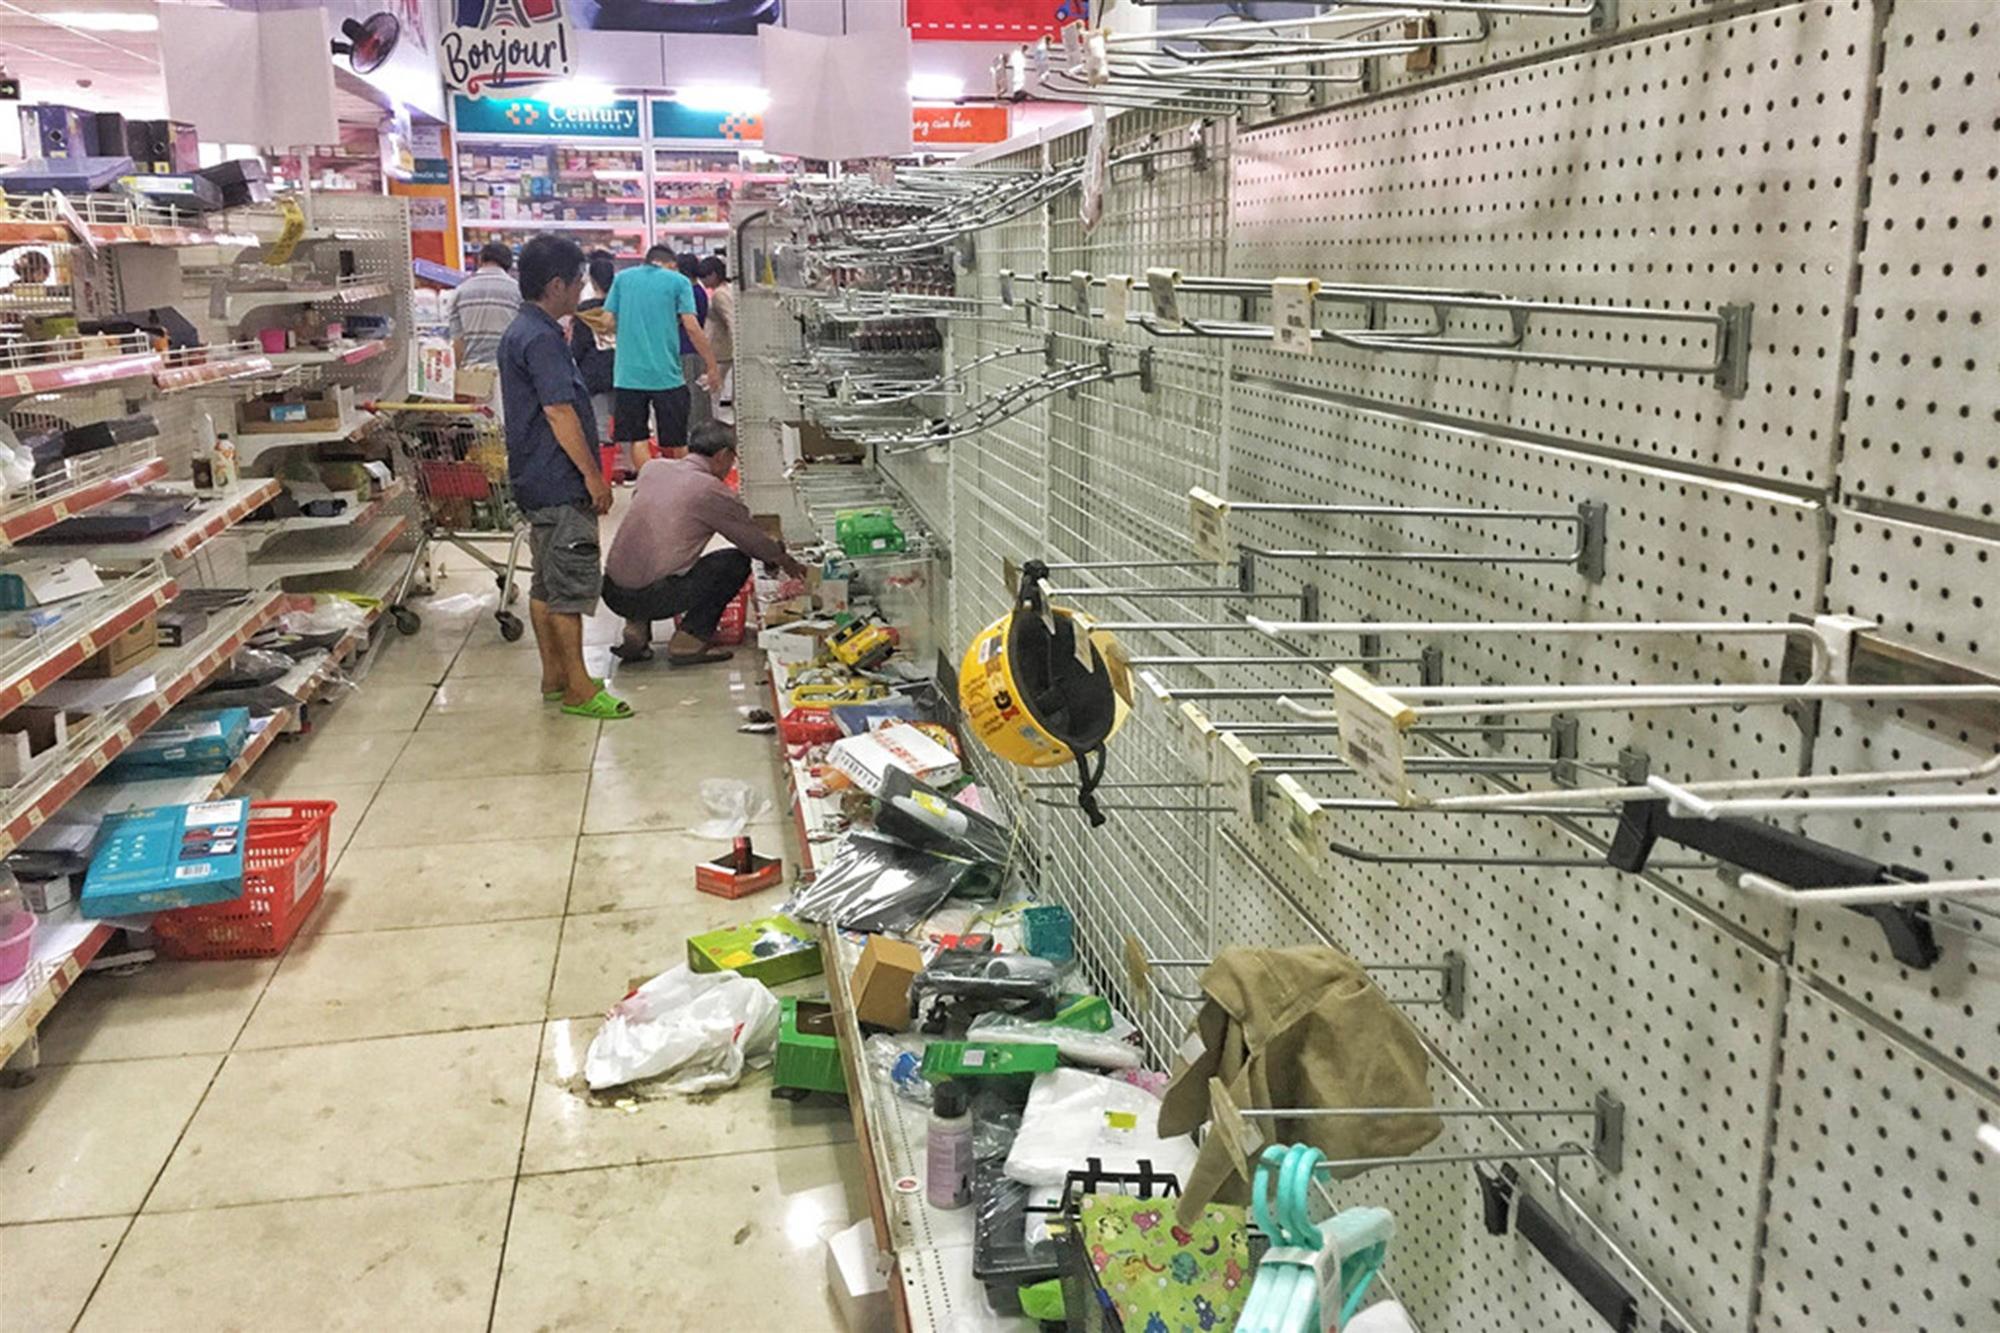 Khách vứt hàng bừa bãi, Auchan tan hoang trước ngày đóng cửa-5